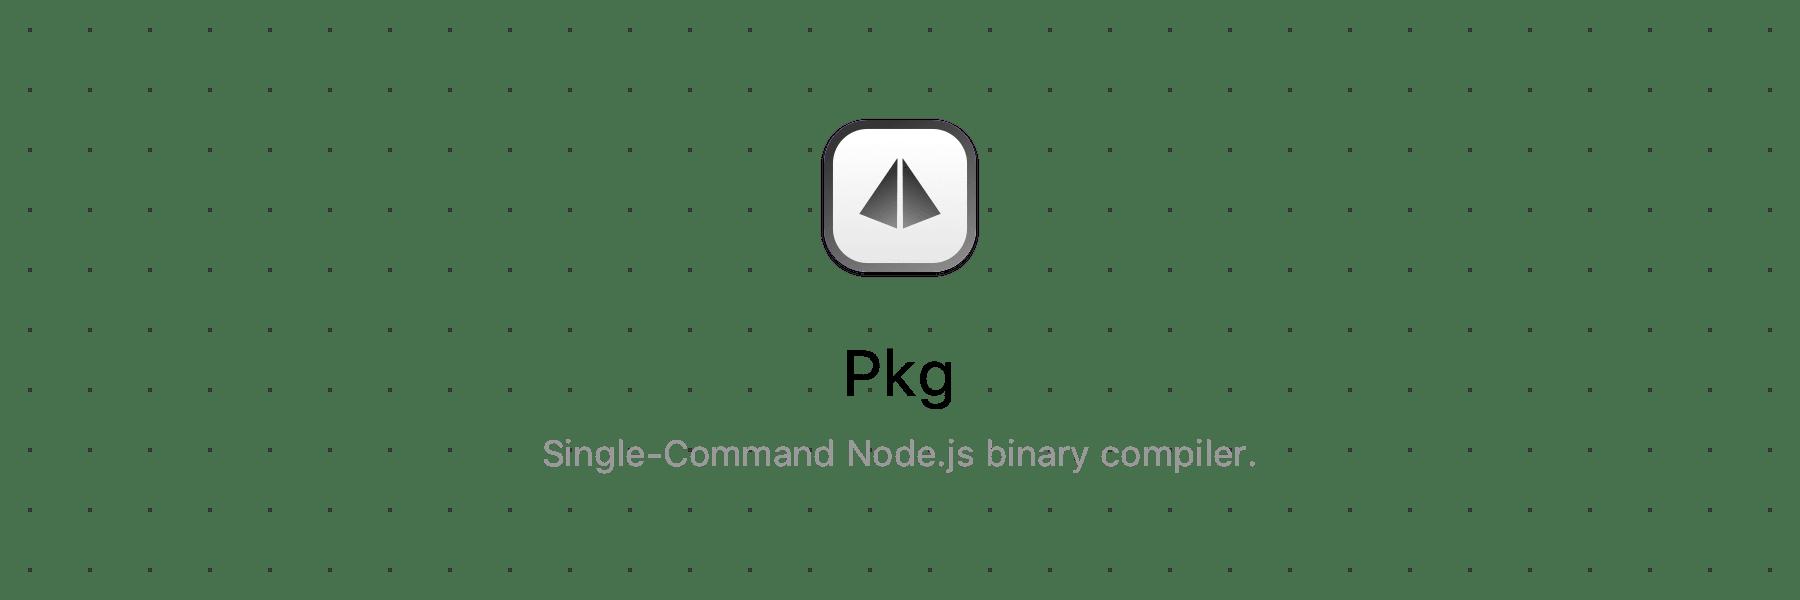 PKG 打包教程